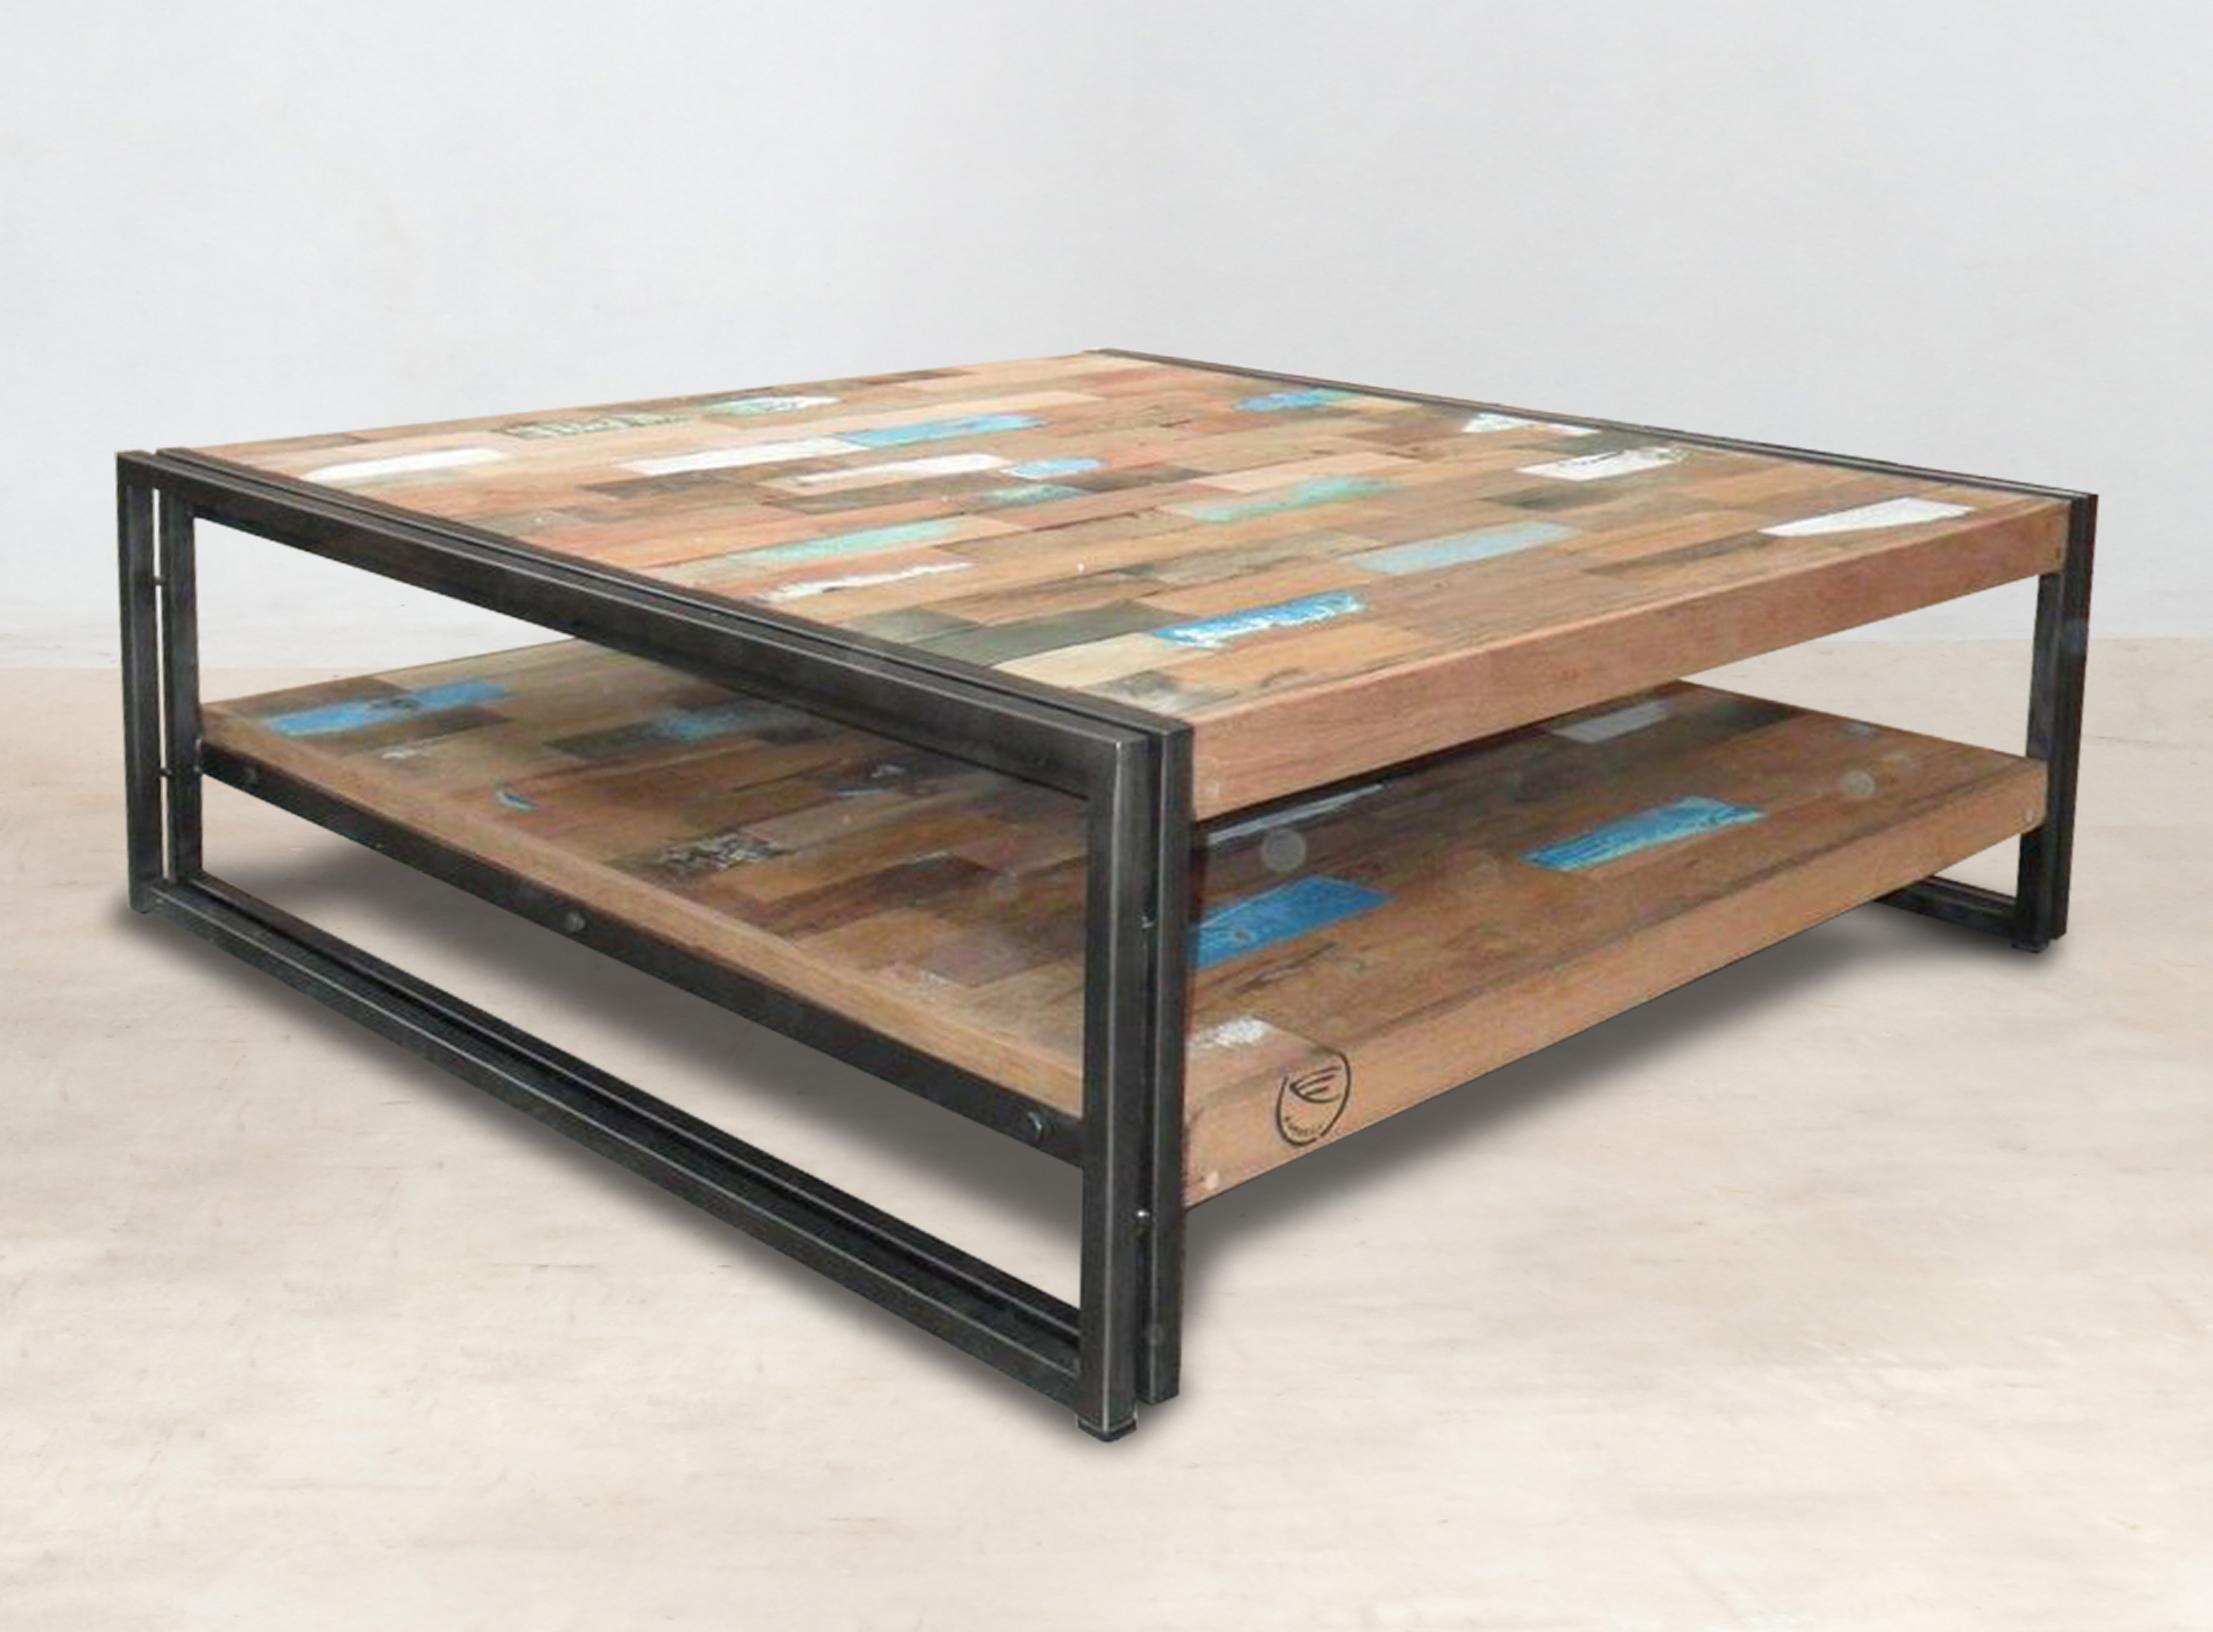 meilleur service 42866 ec18a Table basse carrée bois recyclé double plateaux 100x100 CARAVELLE